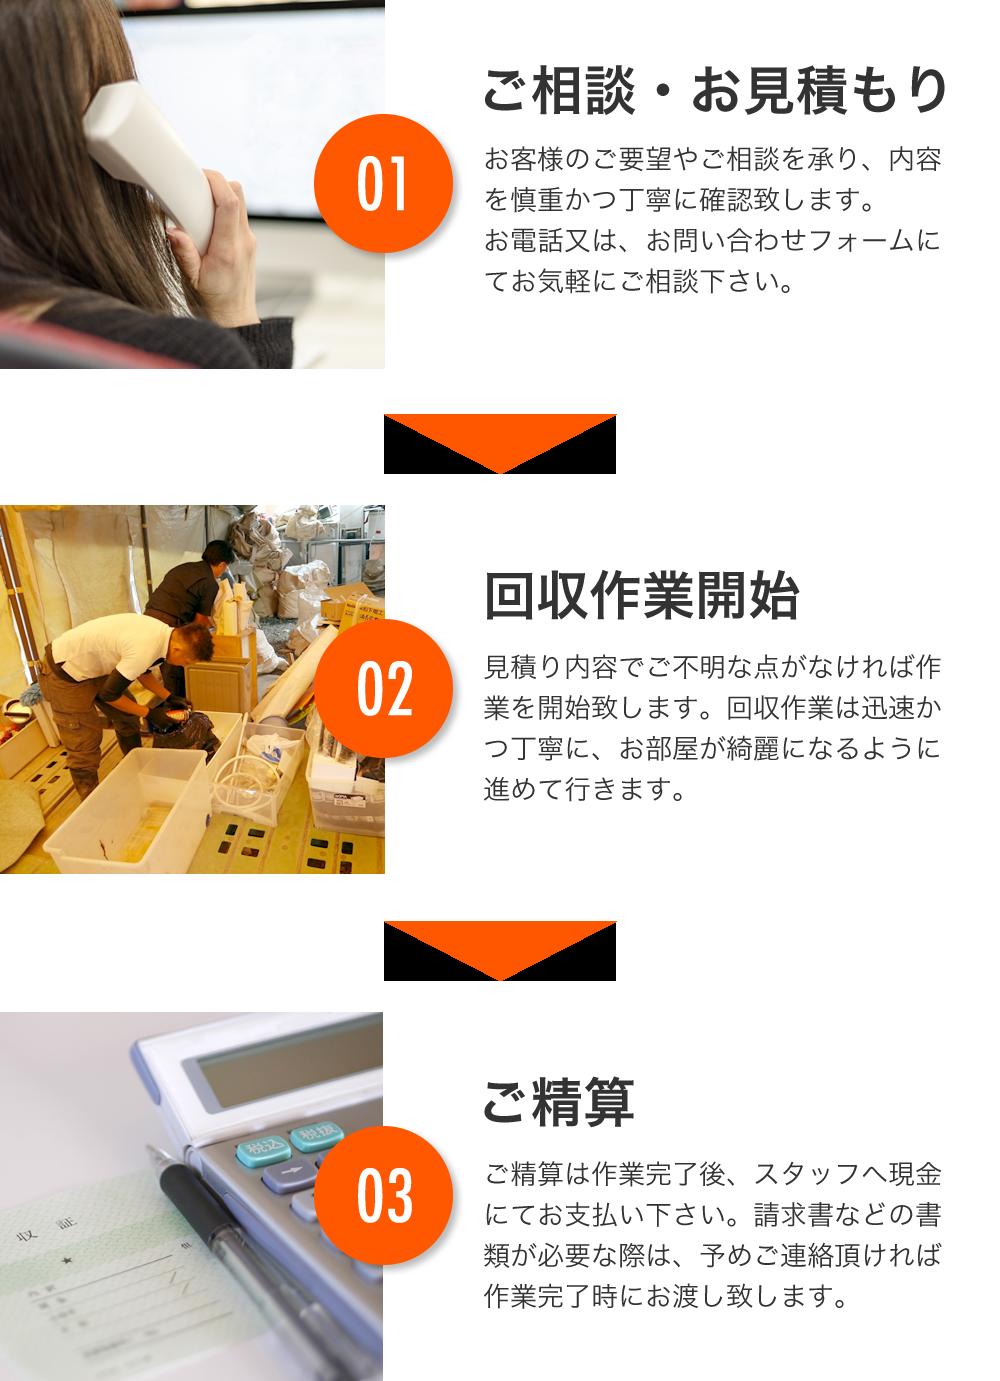 01.ご相談・お見積もり 02.回収作業開始 03.ご精算